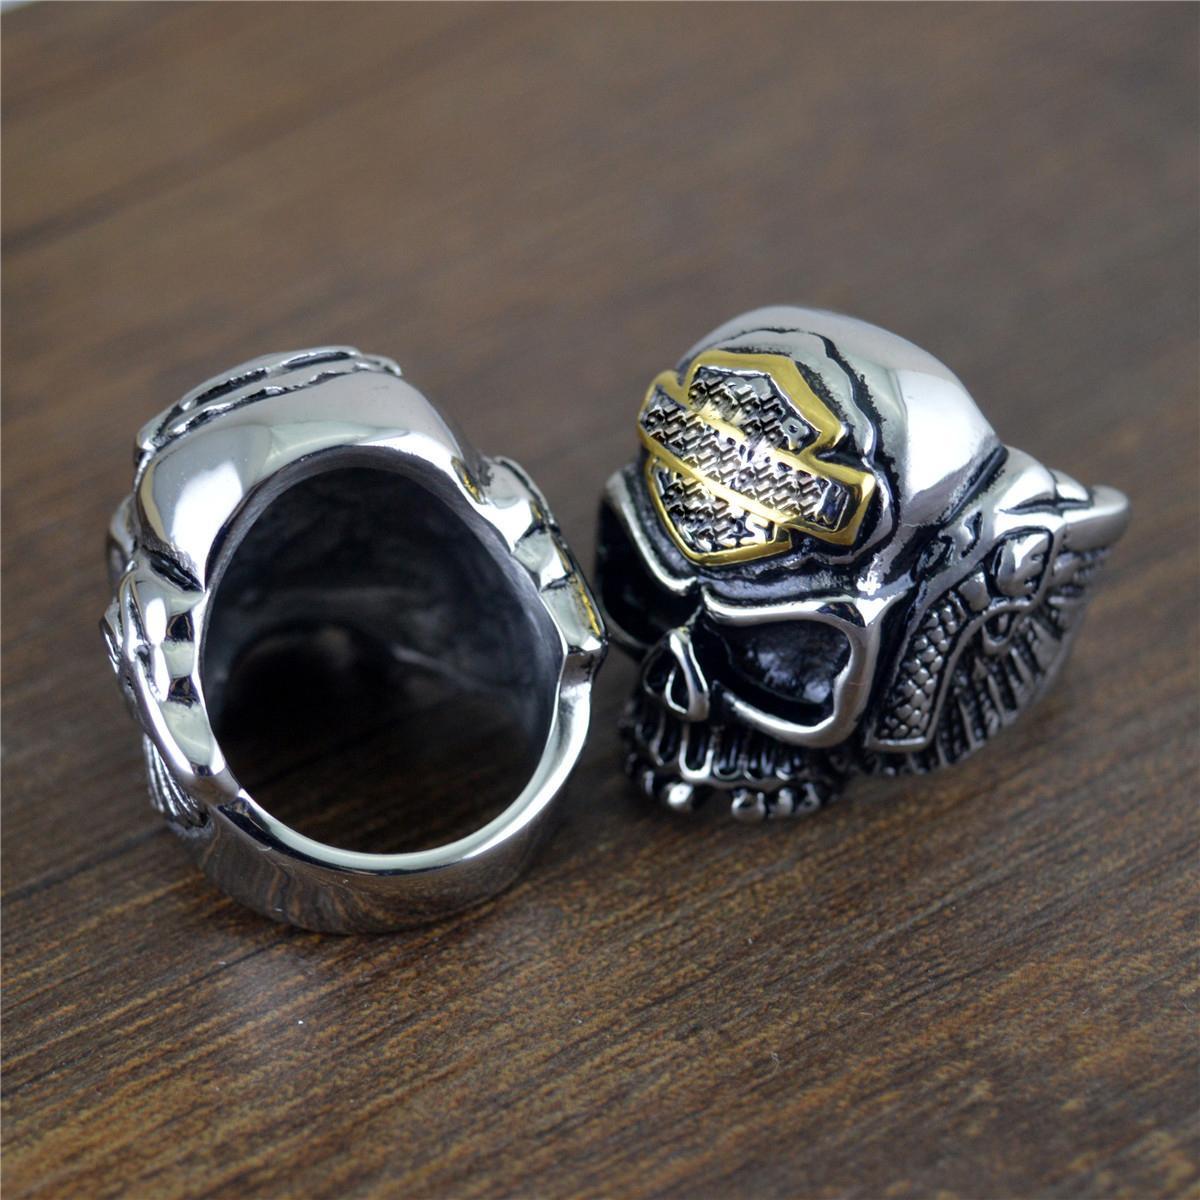 5 Arten Hip Hop Vintage 316L Edelstahl Ring Herren Ring Legierung Motorradfahrer Punk Ring Hohe Qualität Schädel Halloween Ringe Schmuck